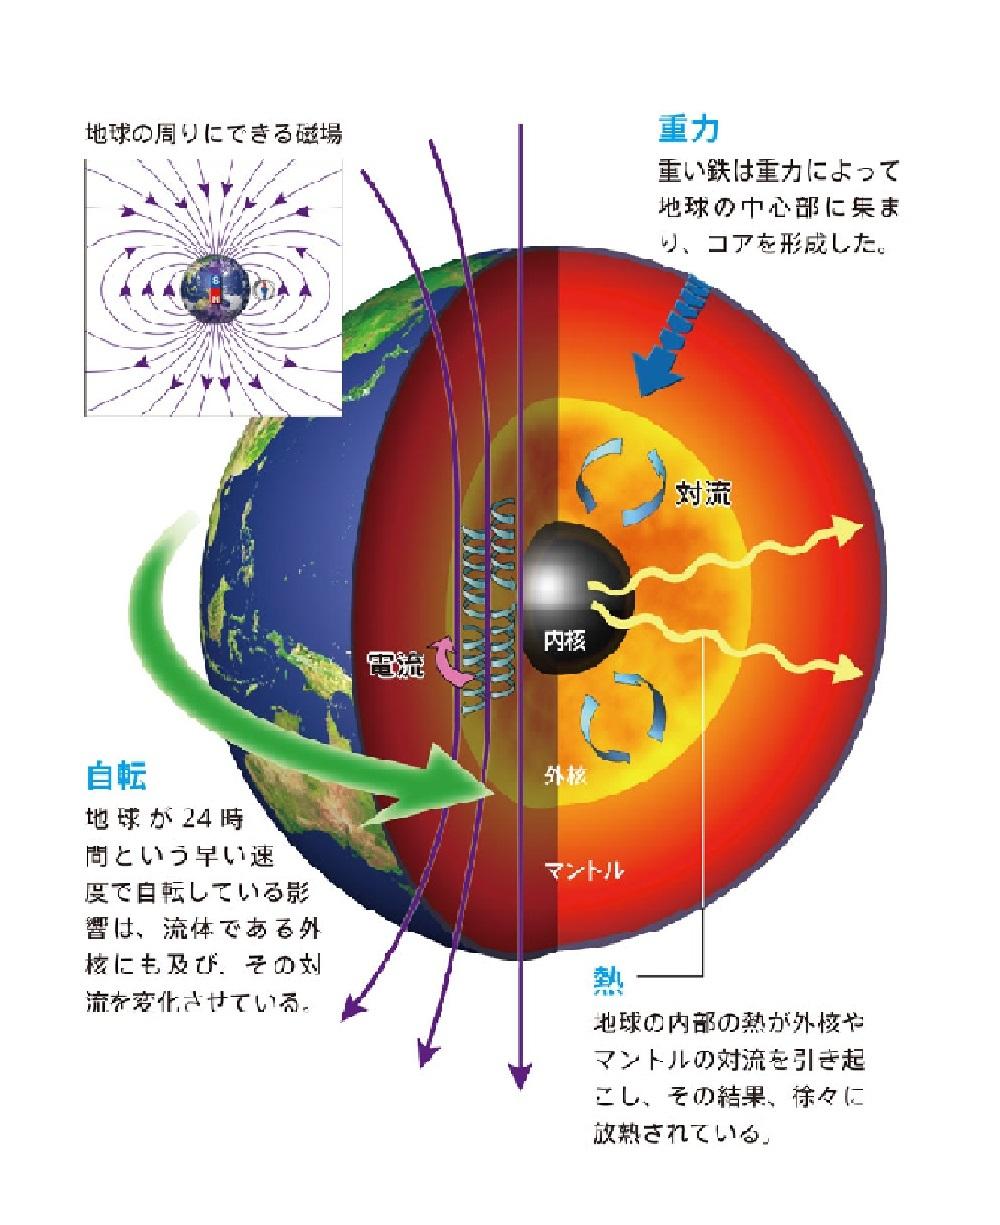 図1 地球の中の胎動